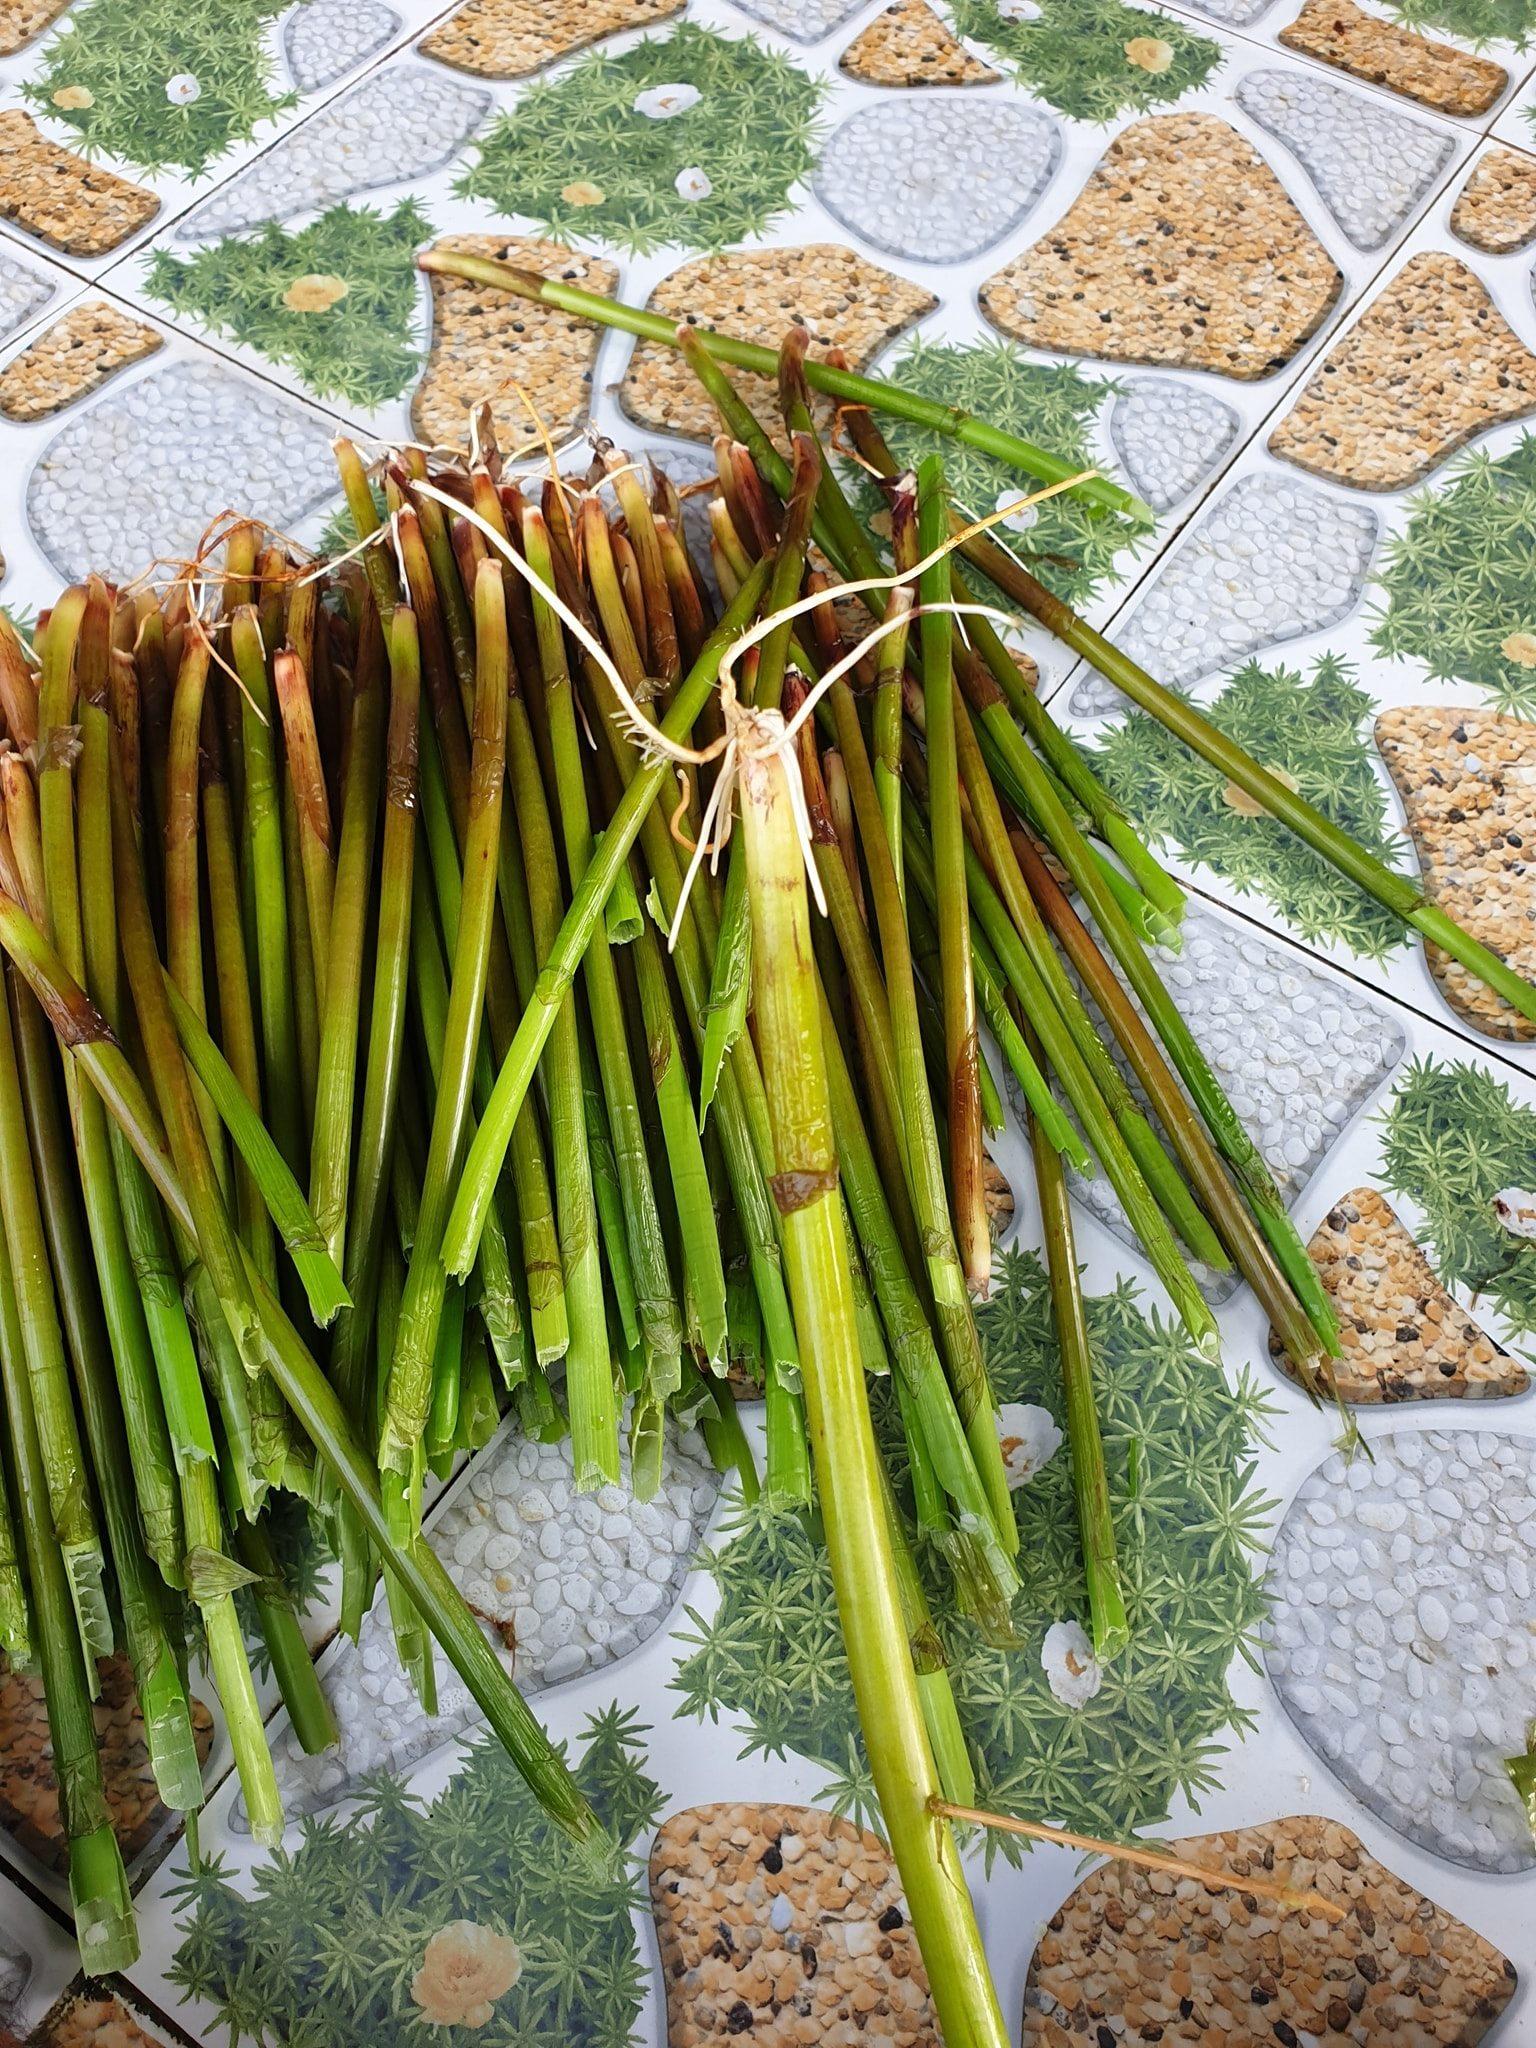 Loại rau miền Tây xưa mọc không ai hái, giờ thành đặc sản nổi tiếng bán trên chợ mạng giá 120.000 đồng/kg - Ảnh 3.